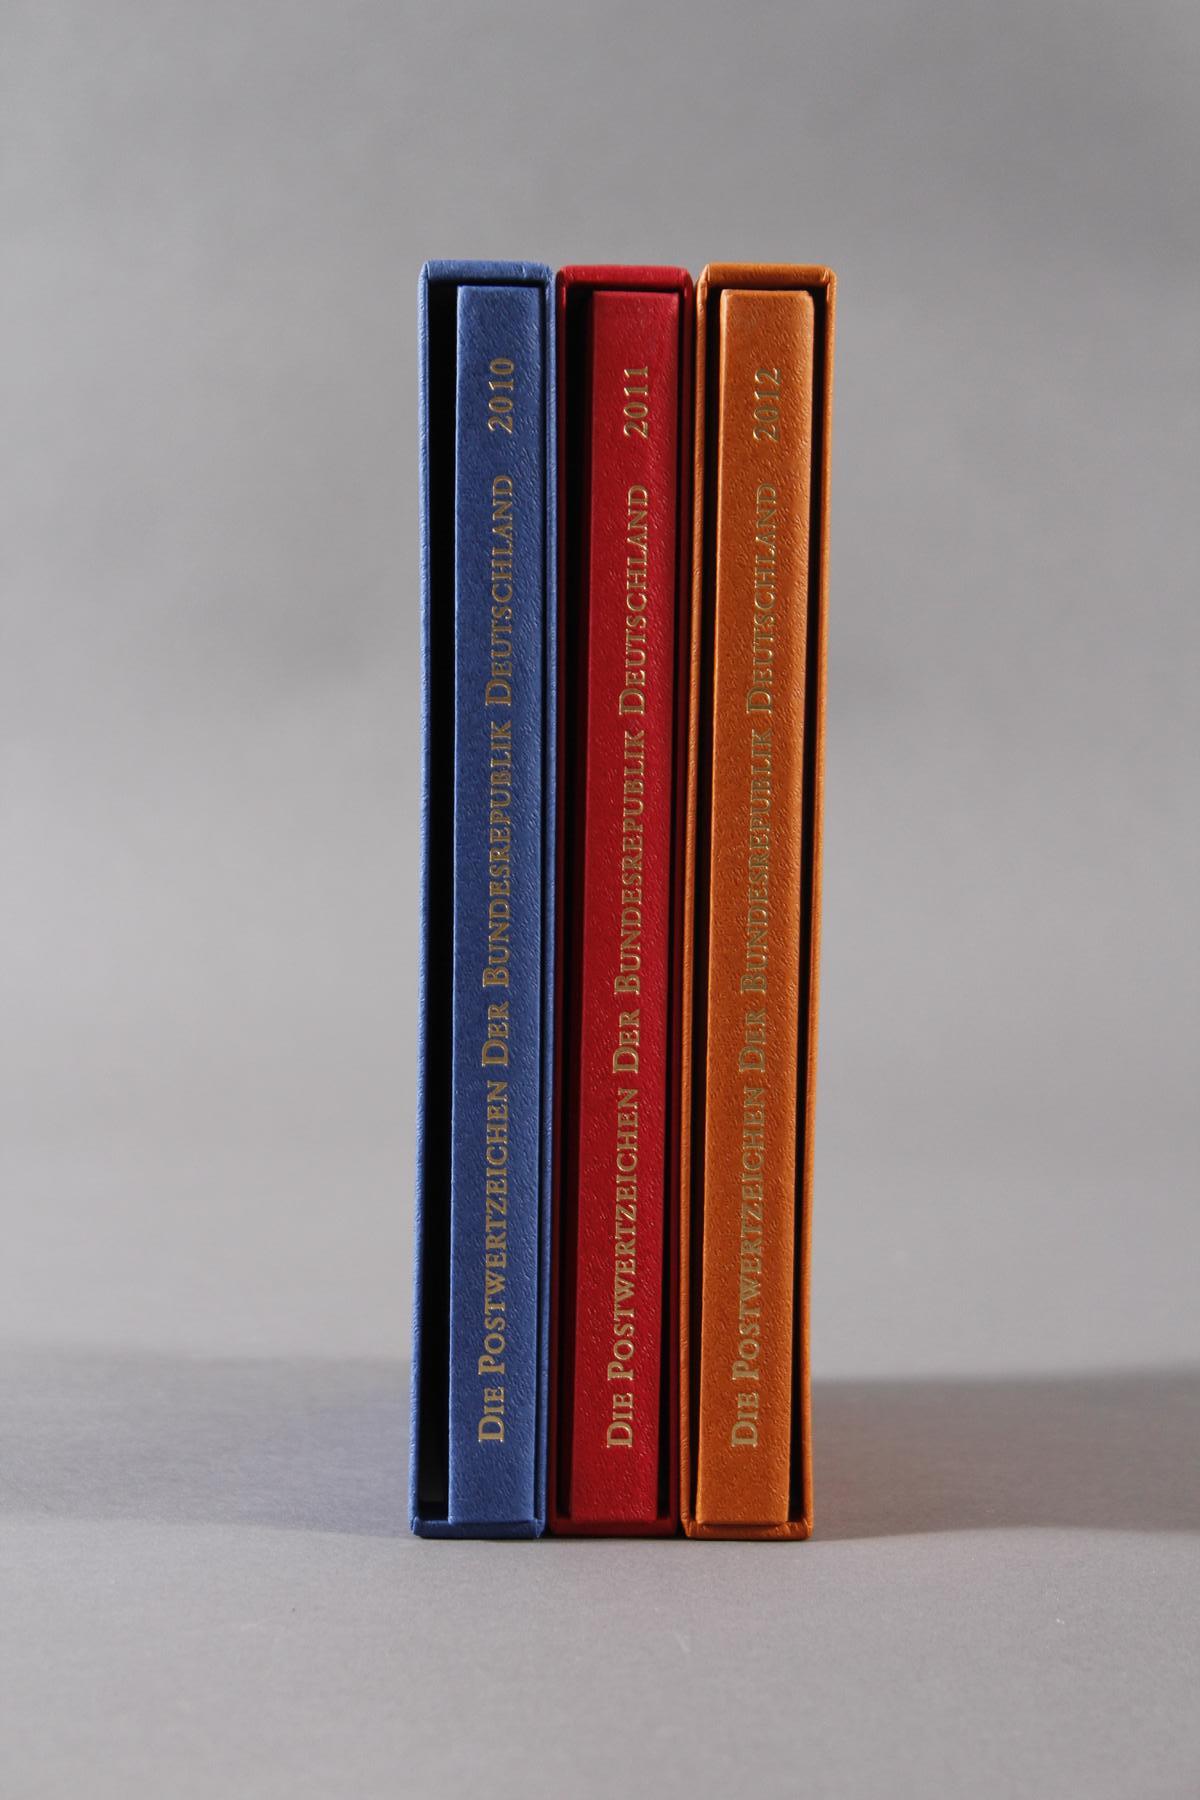 Jahrbücher Bundesrespublik Deutschland 2010-2012